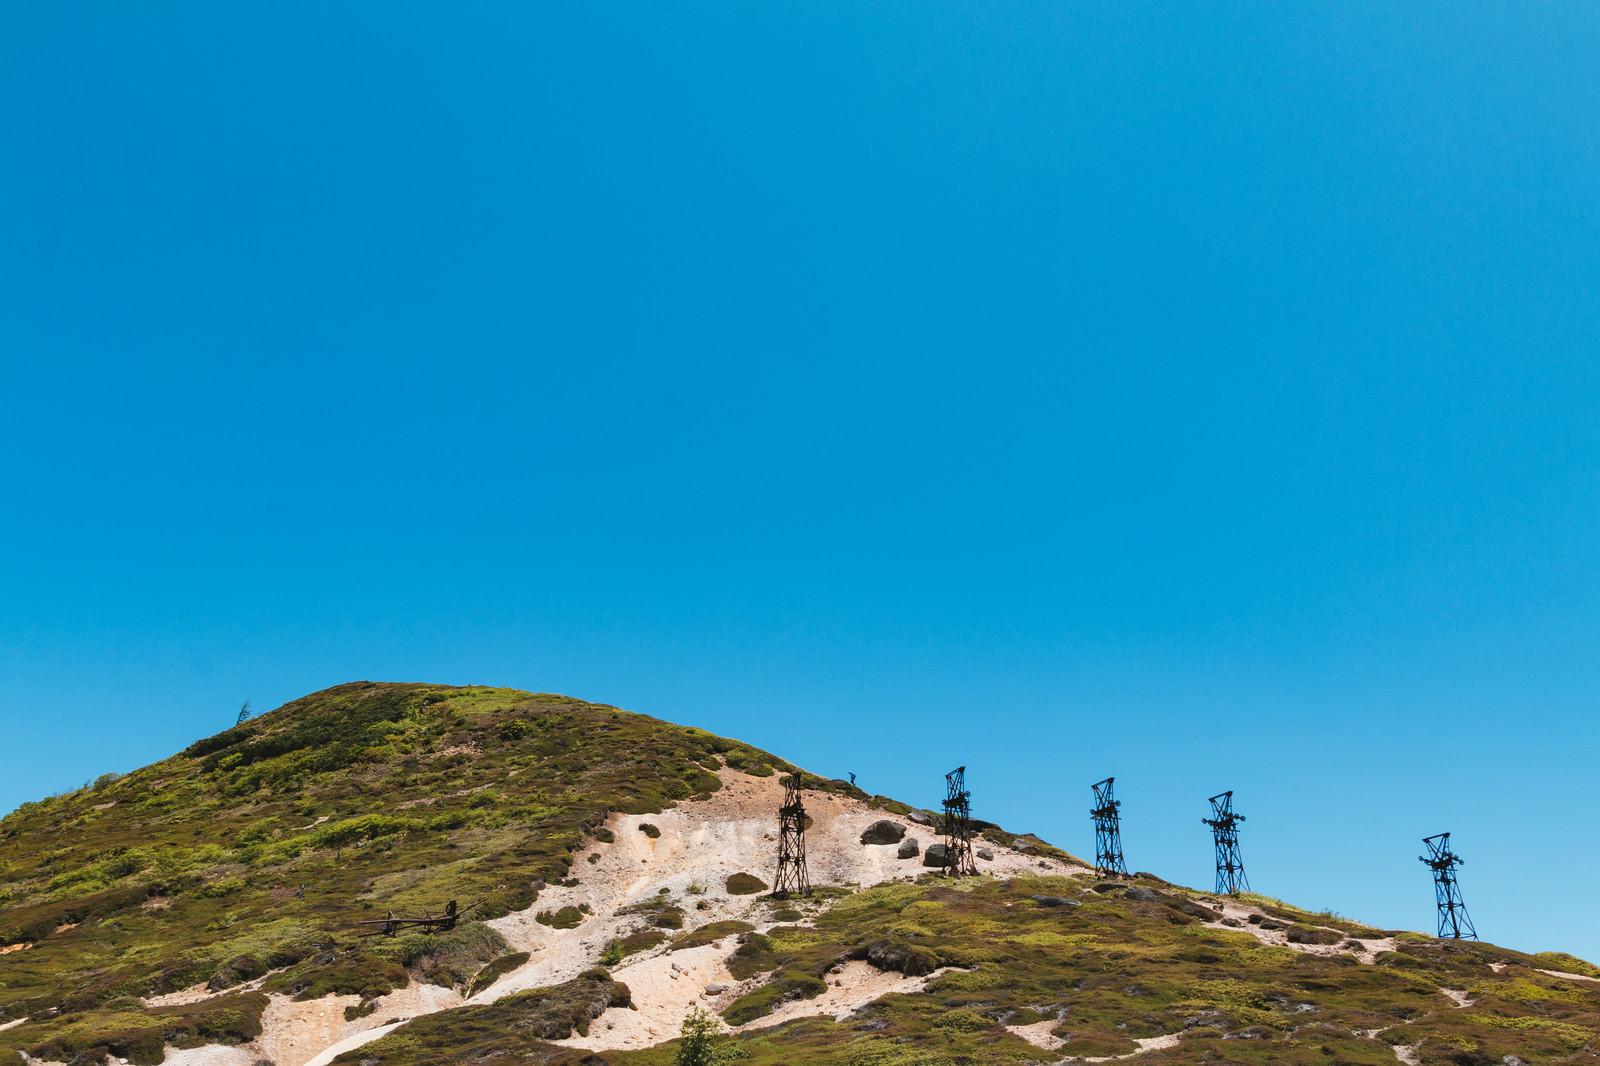 「毛無峠に立ち並ぶ古い鉄塔」の写真